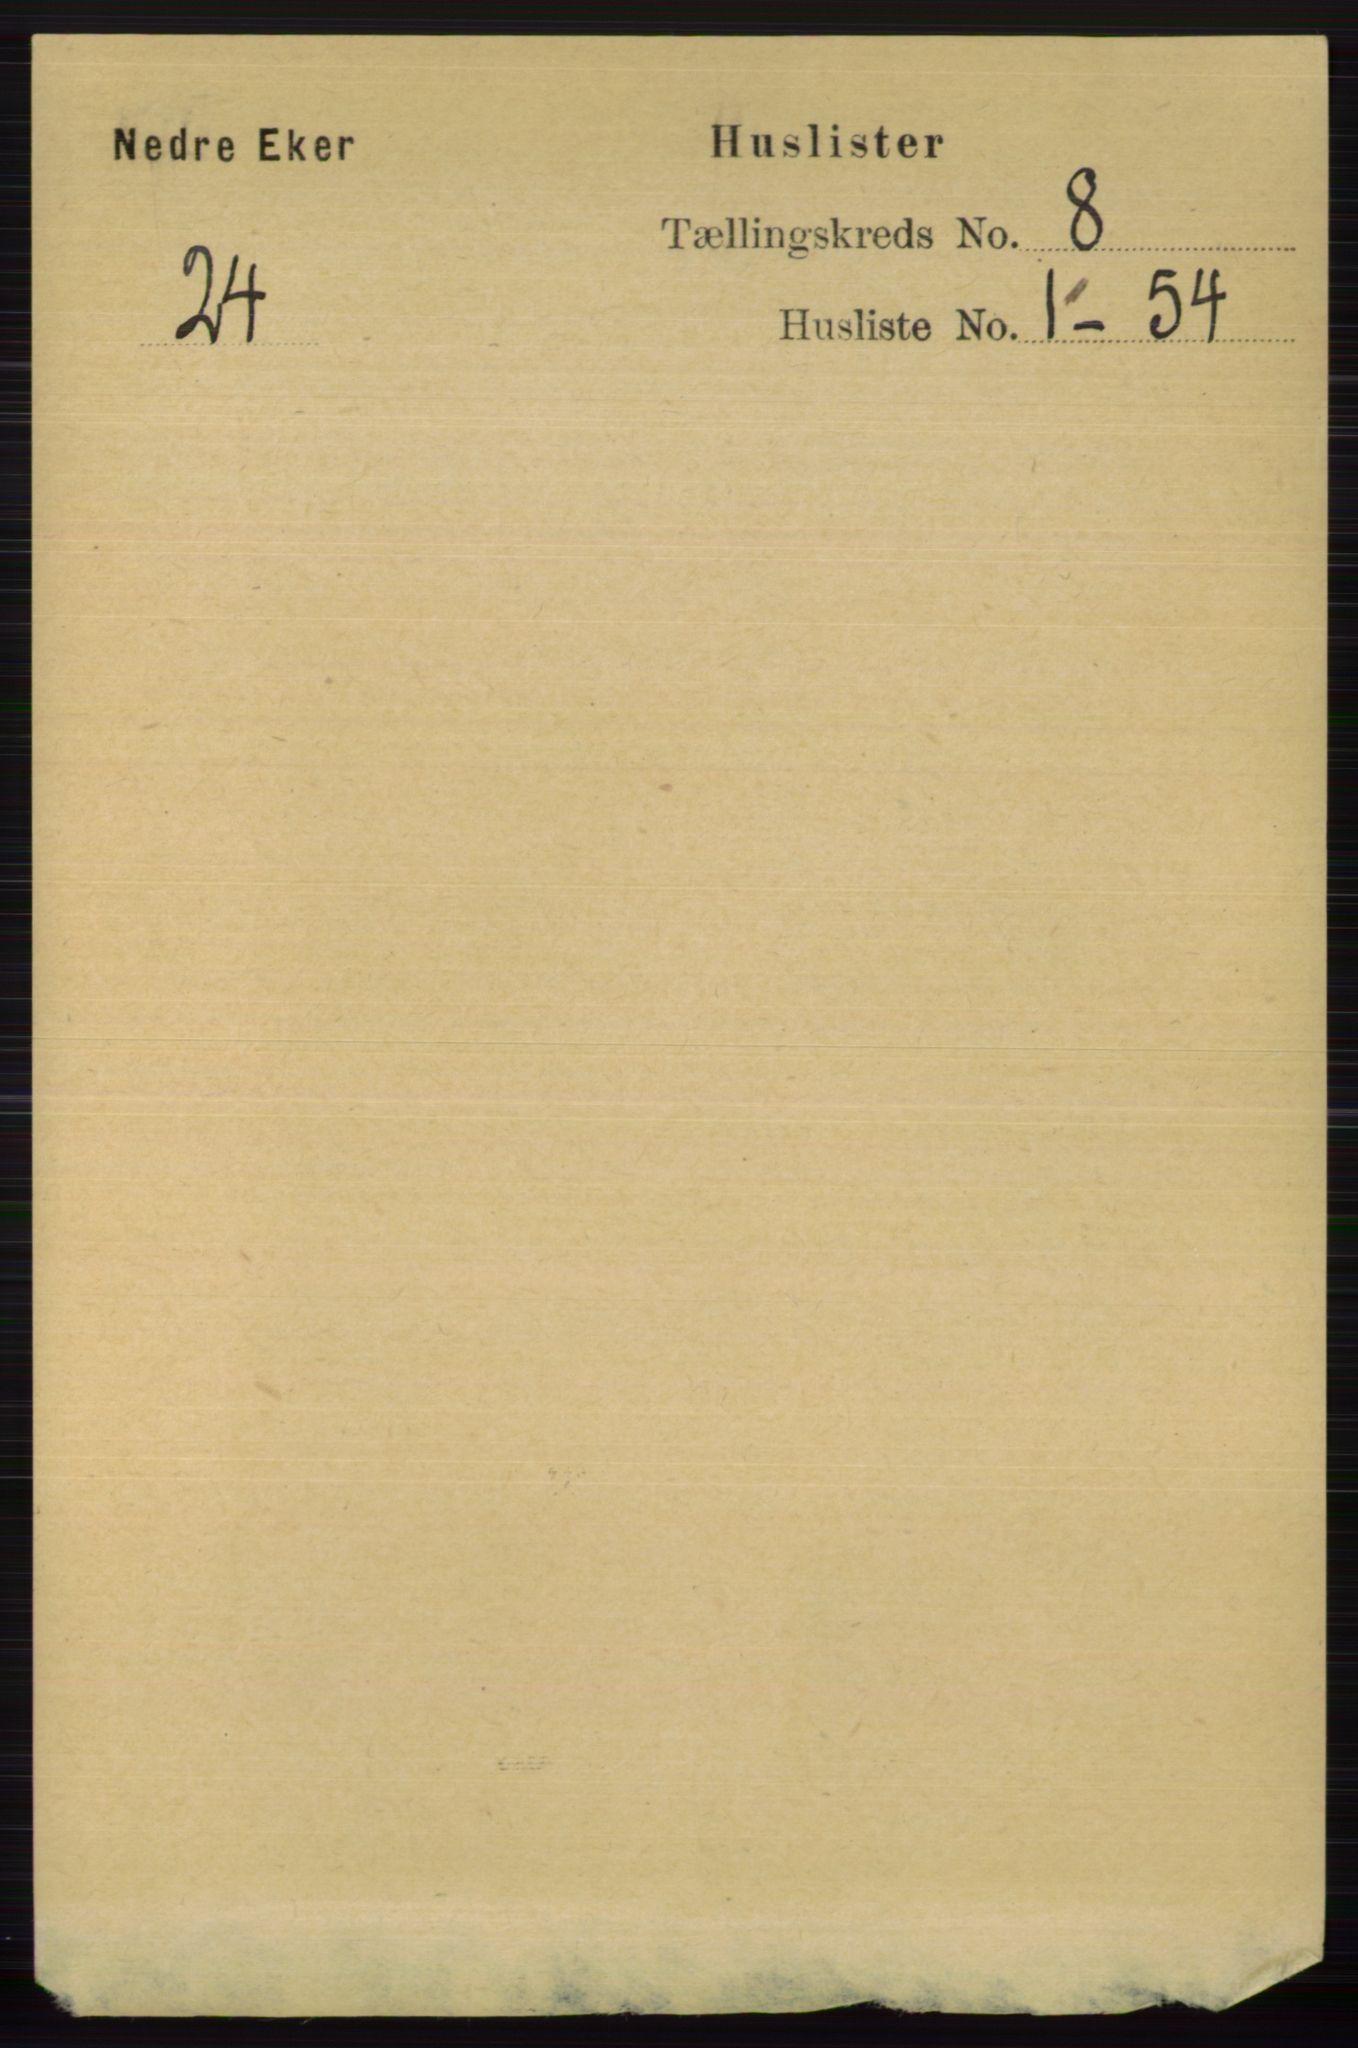 RA, Folketelling 1891 for 0625 Nedre Eiker herred, 1891, s. 3896